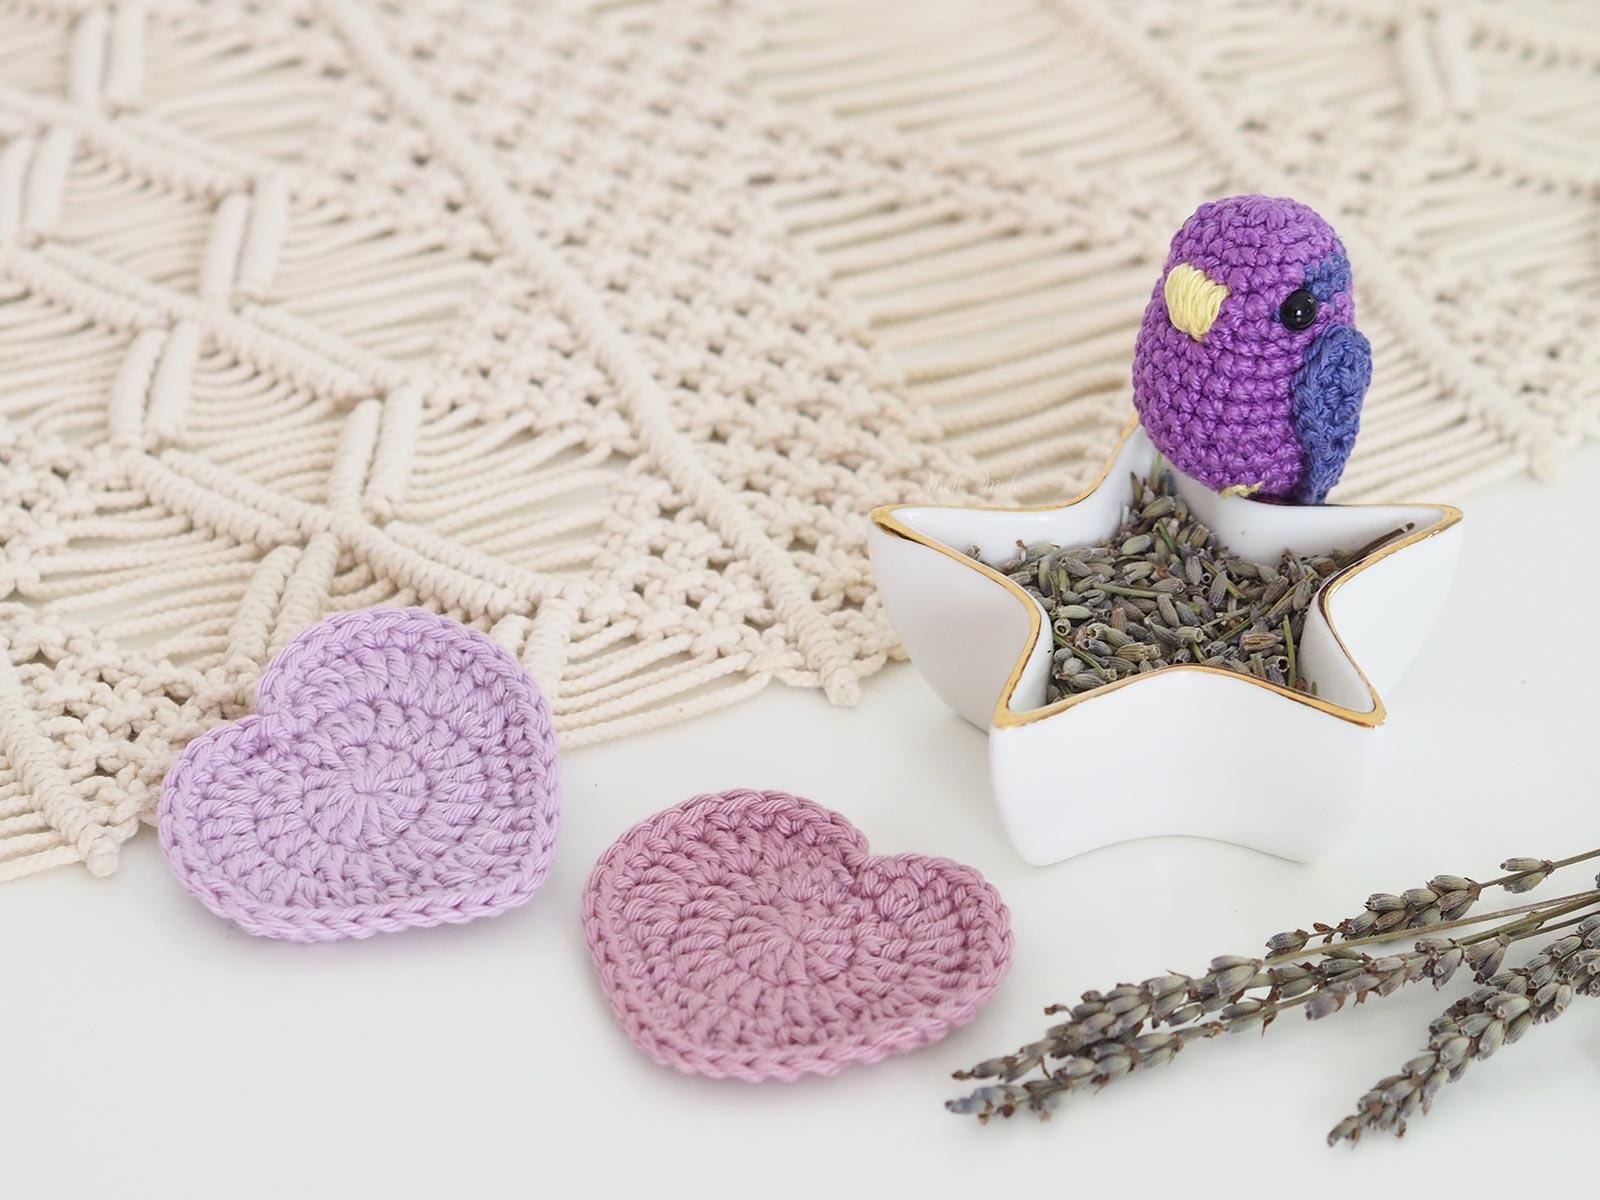 lavande crochet oiseau lingette coeurs laboutiquedemelimelo